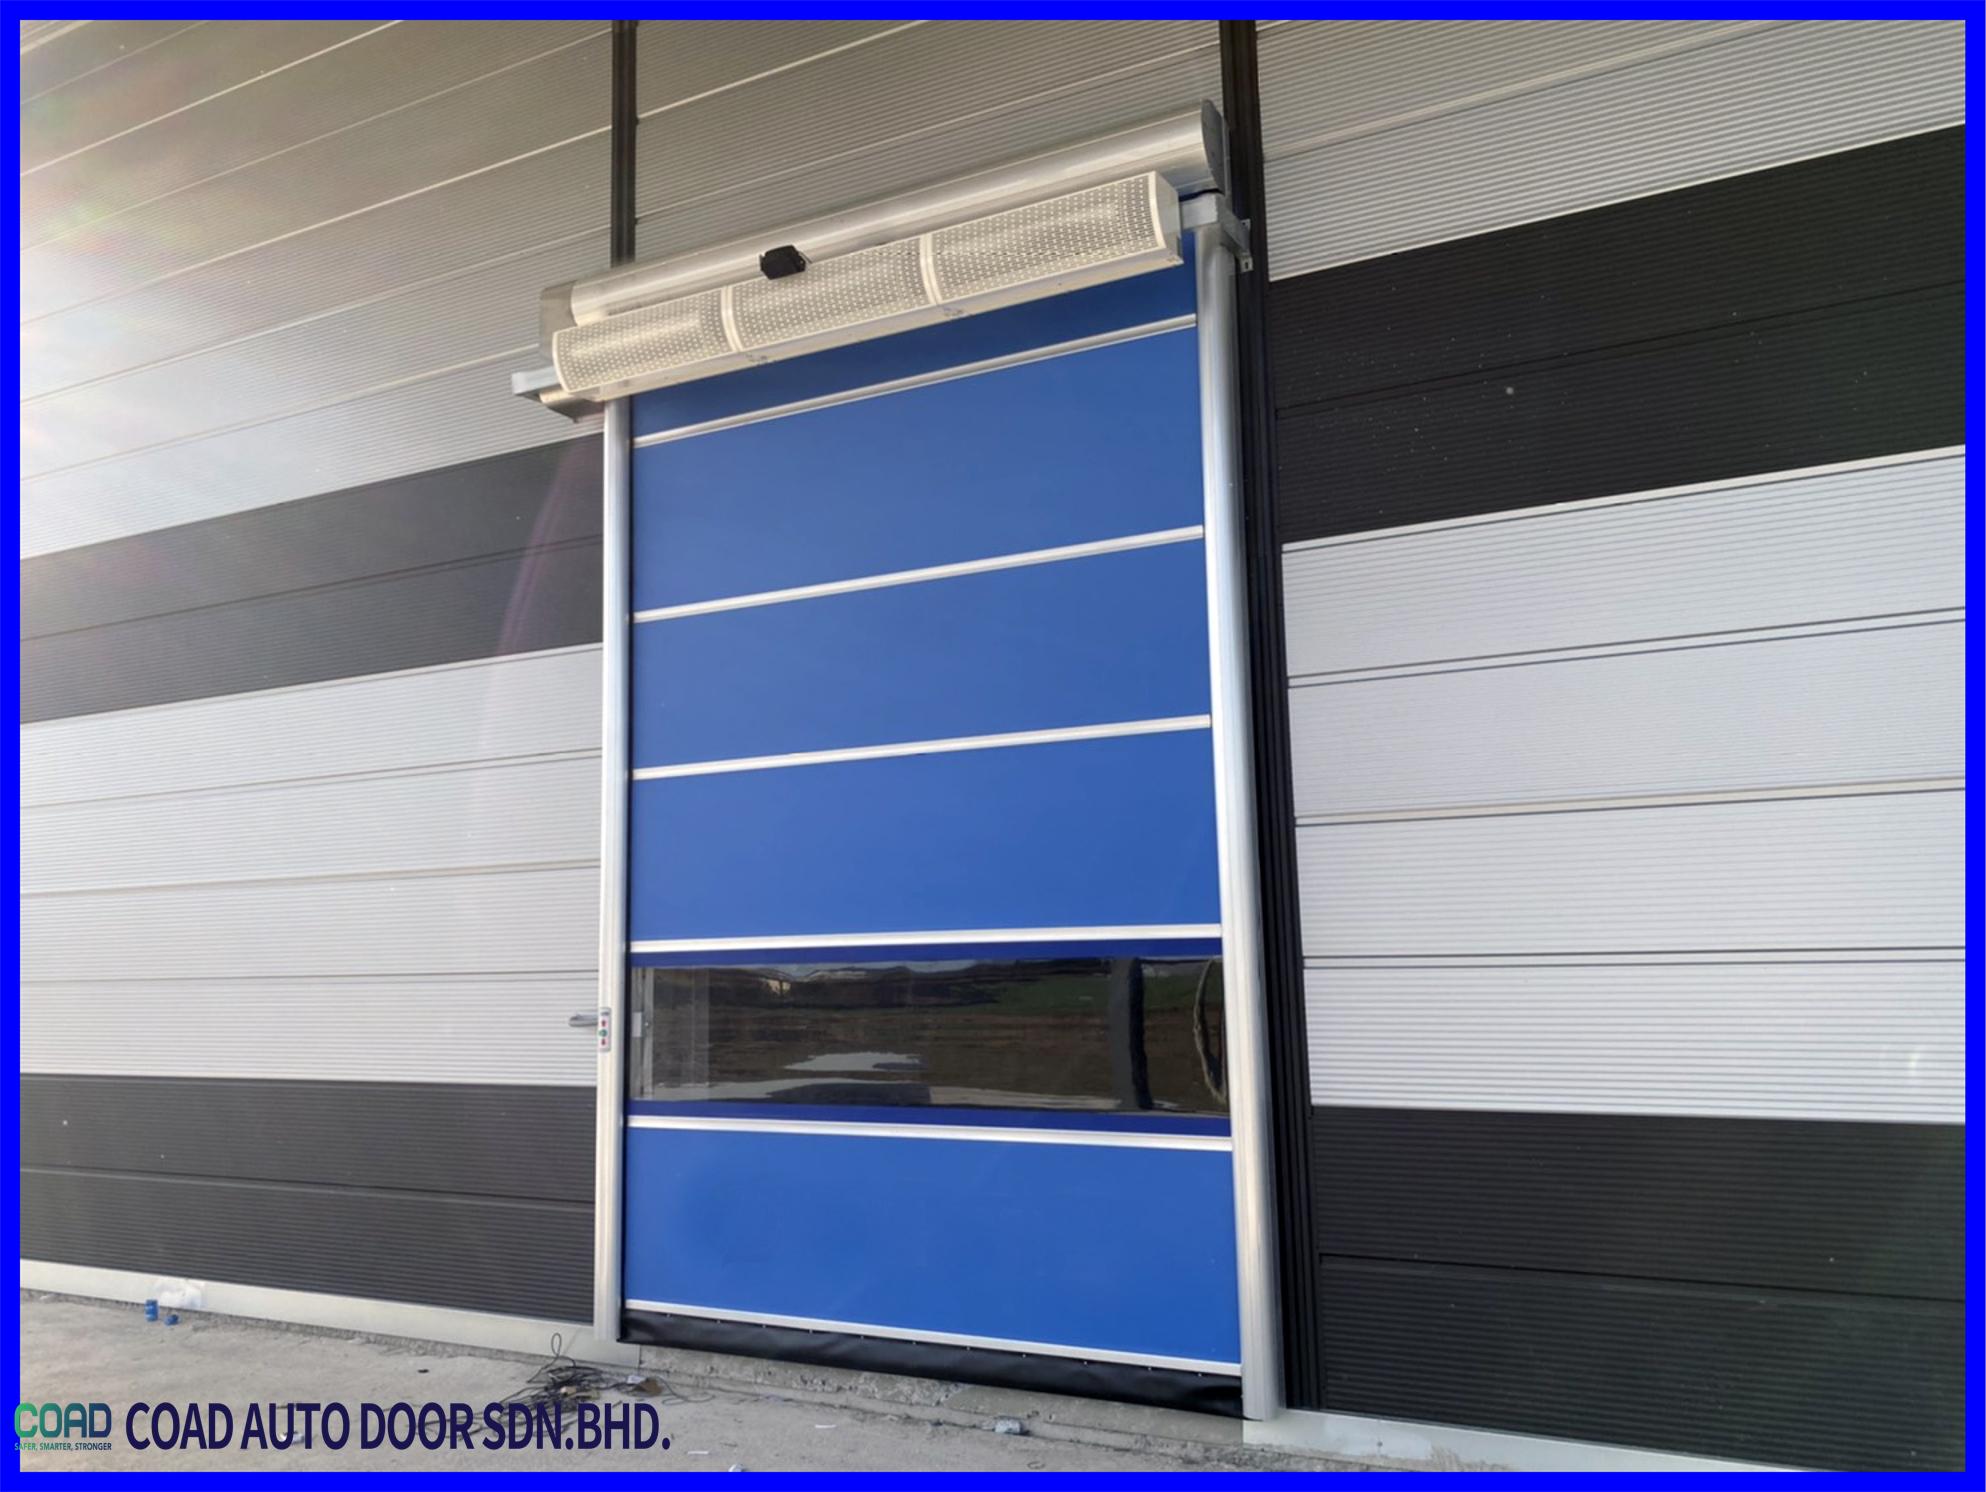 Coad High Speed Door System Makes Operation Easier Automatic Door High Speed Doors